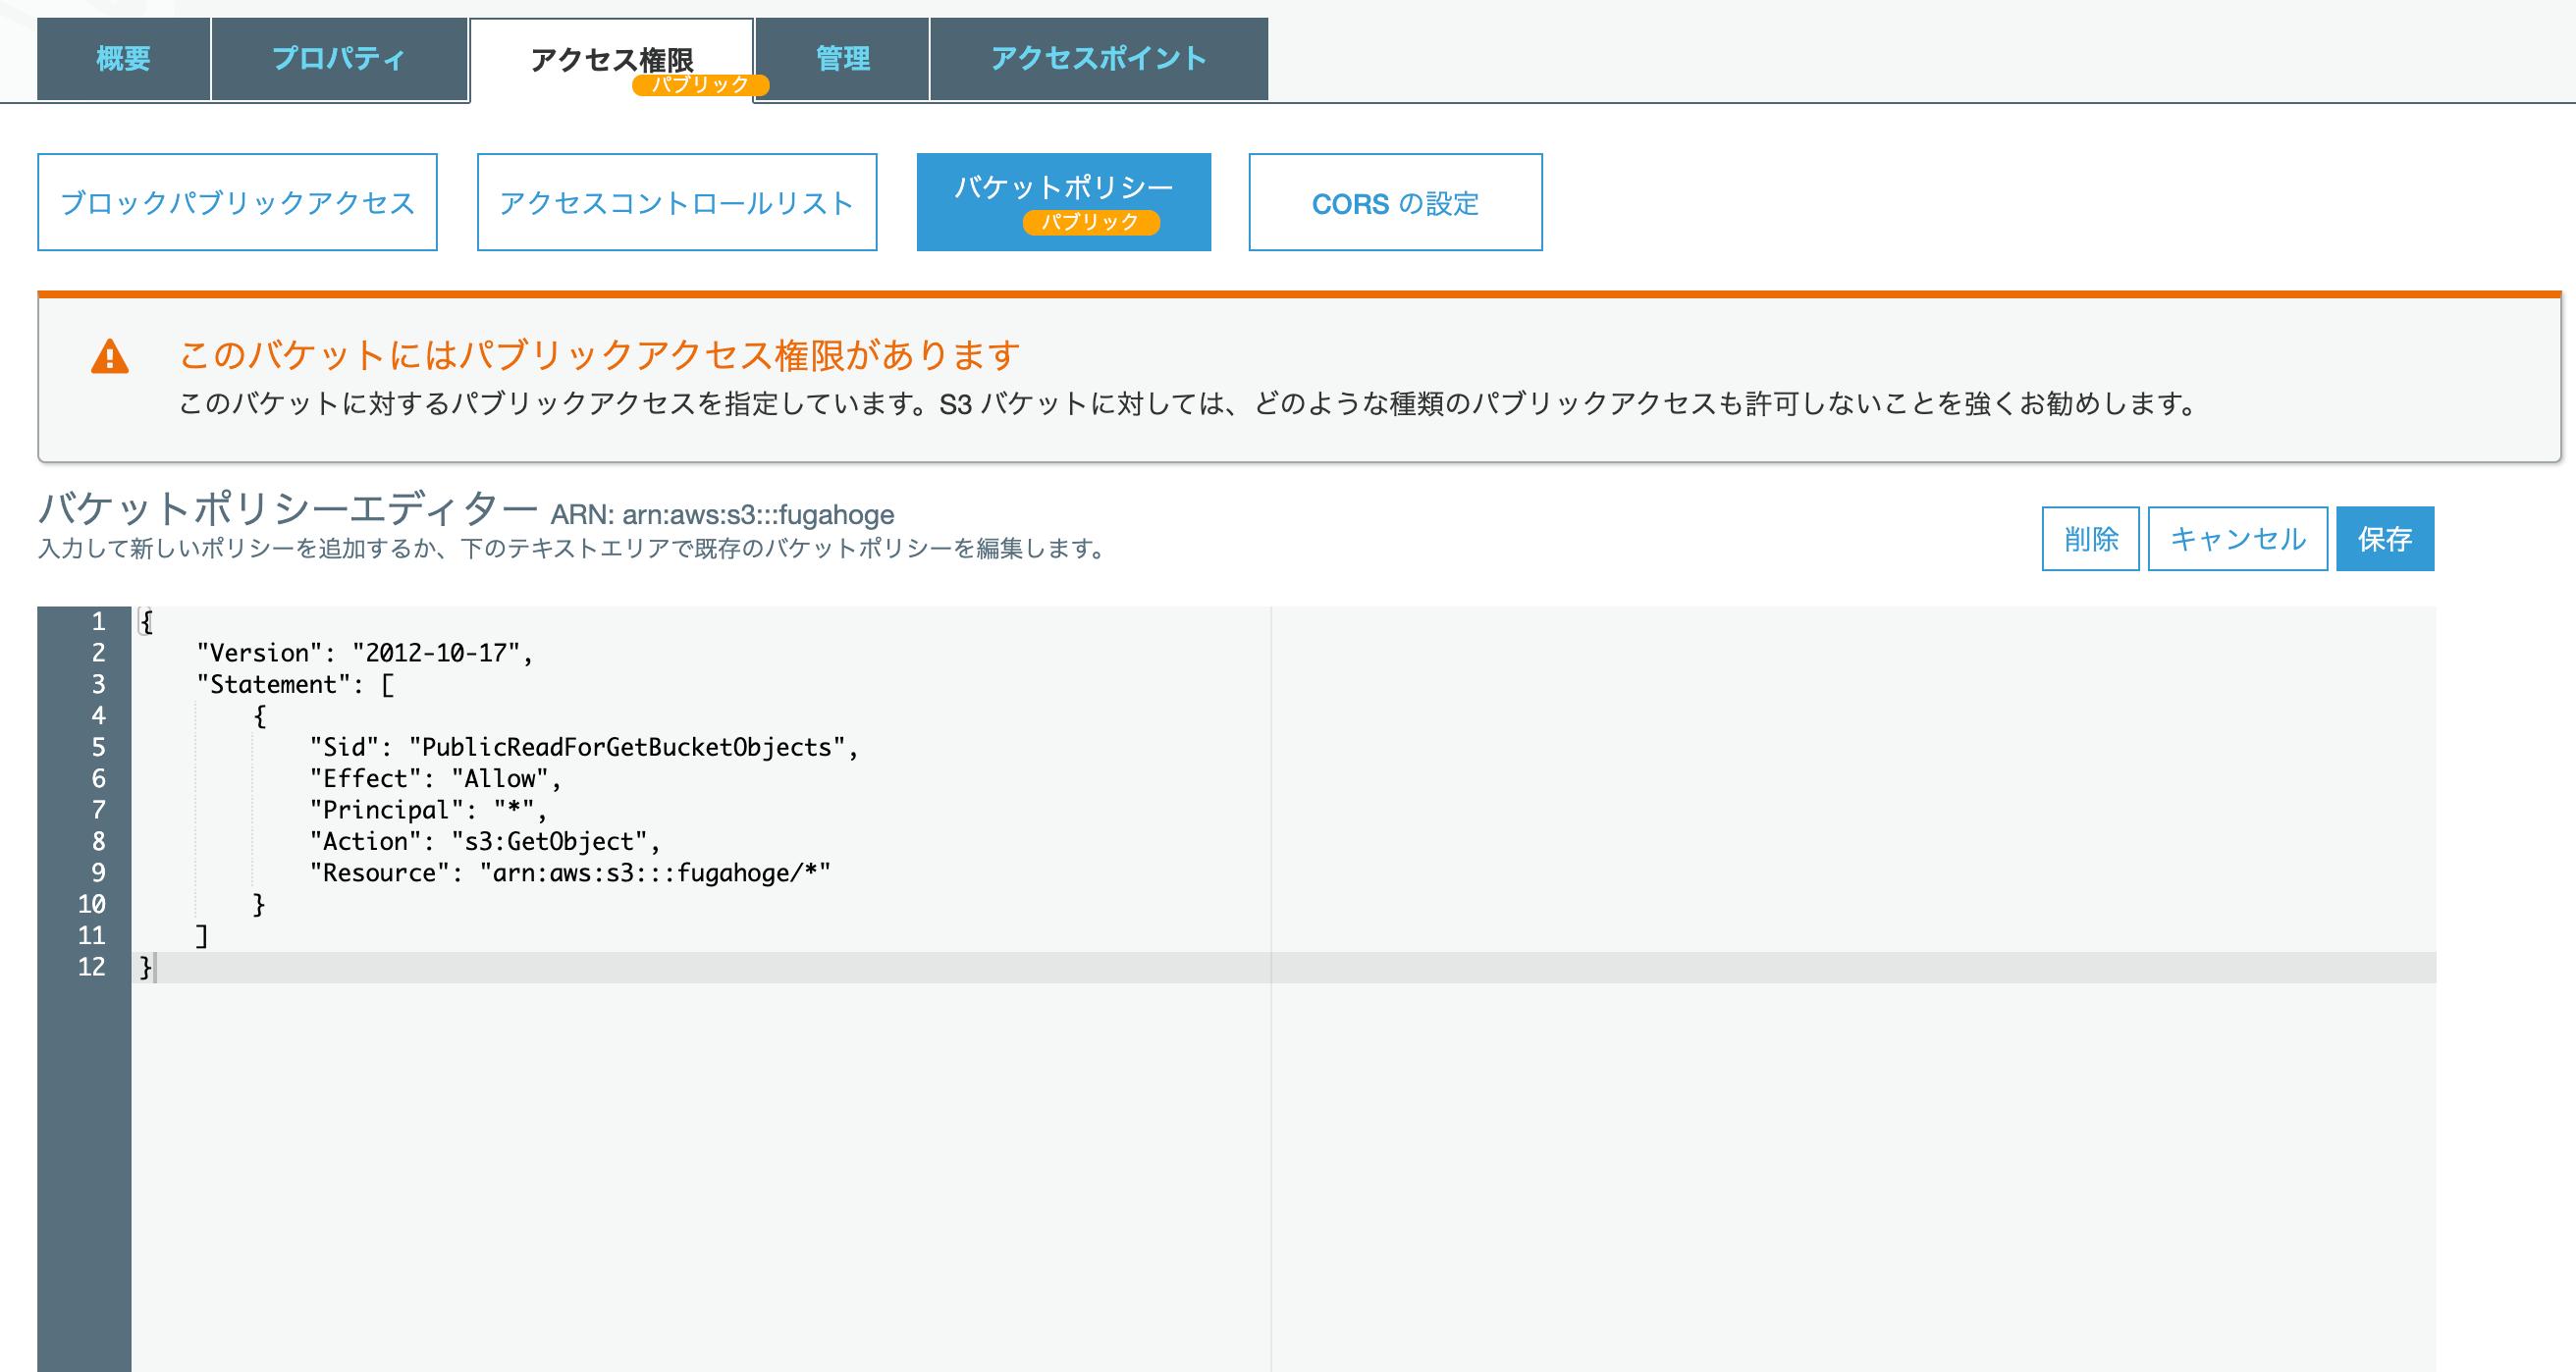 スクリーンショット 2020-01-14 12.33.05.png